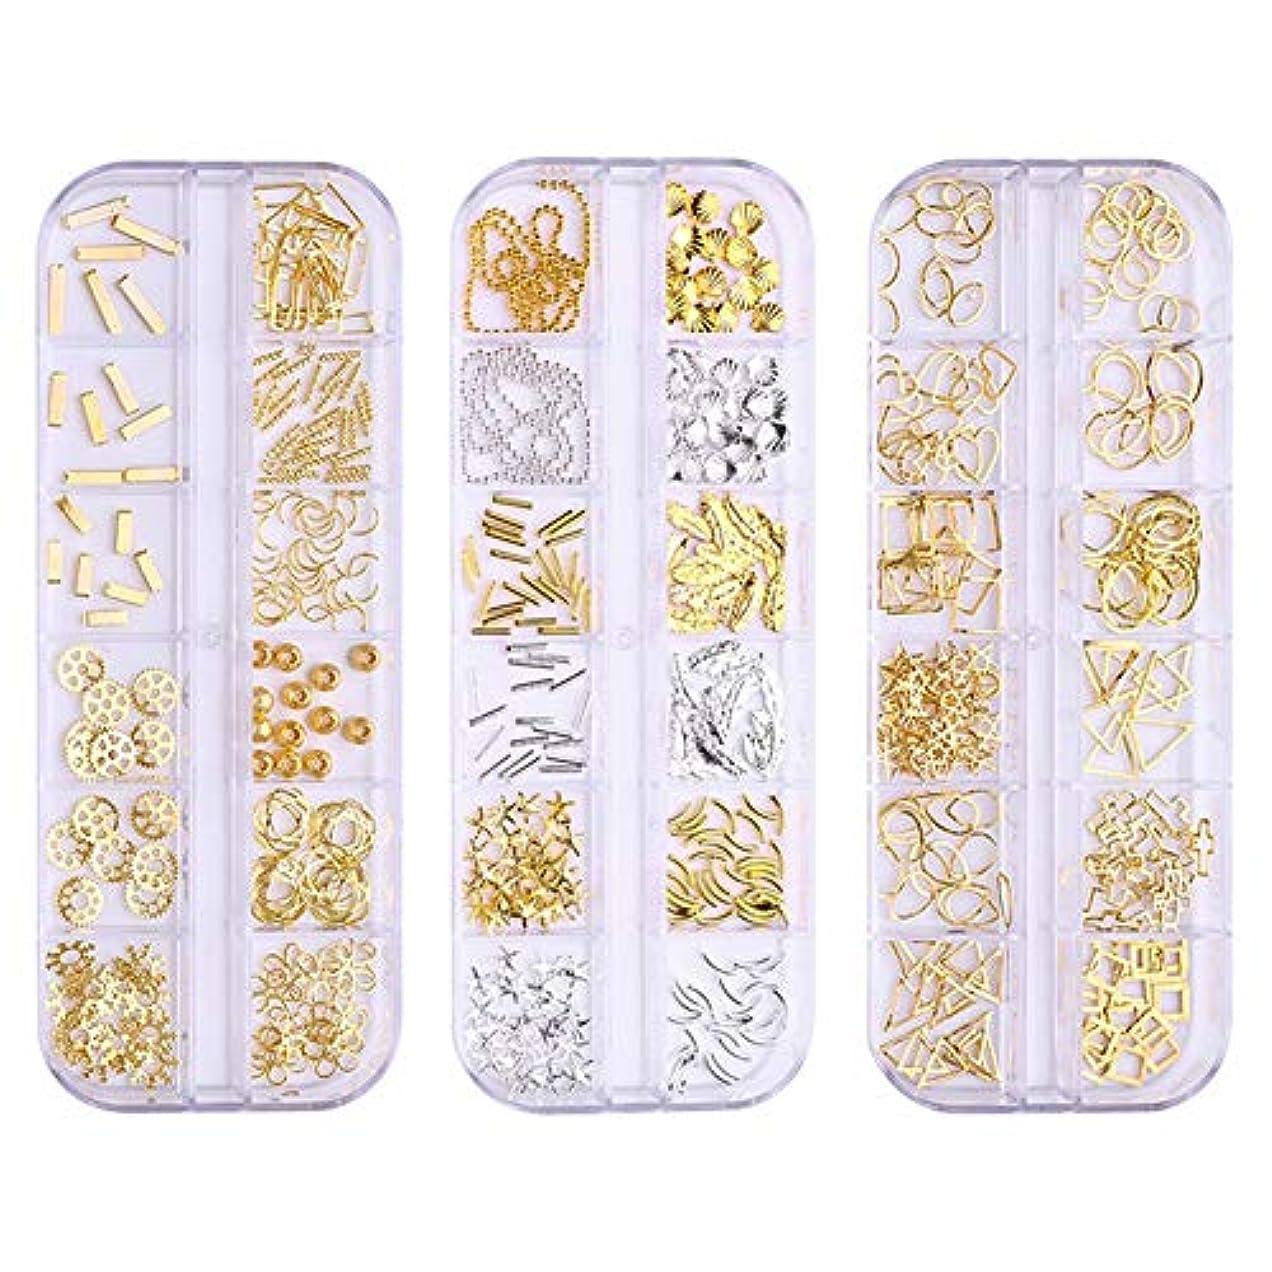 用心伝記写真BORN PRETTY ネイルデコパーツ3ボックスセット ネイル フレームパーツ 12個口ケース入り 形いろいろミックス ヘアアクセ デコパーツ ミックス 手芸 ハンドメイド アクセサリー製作